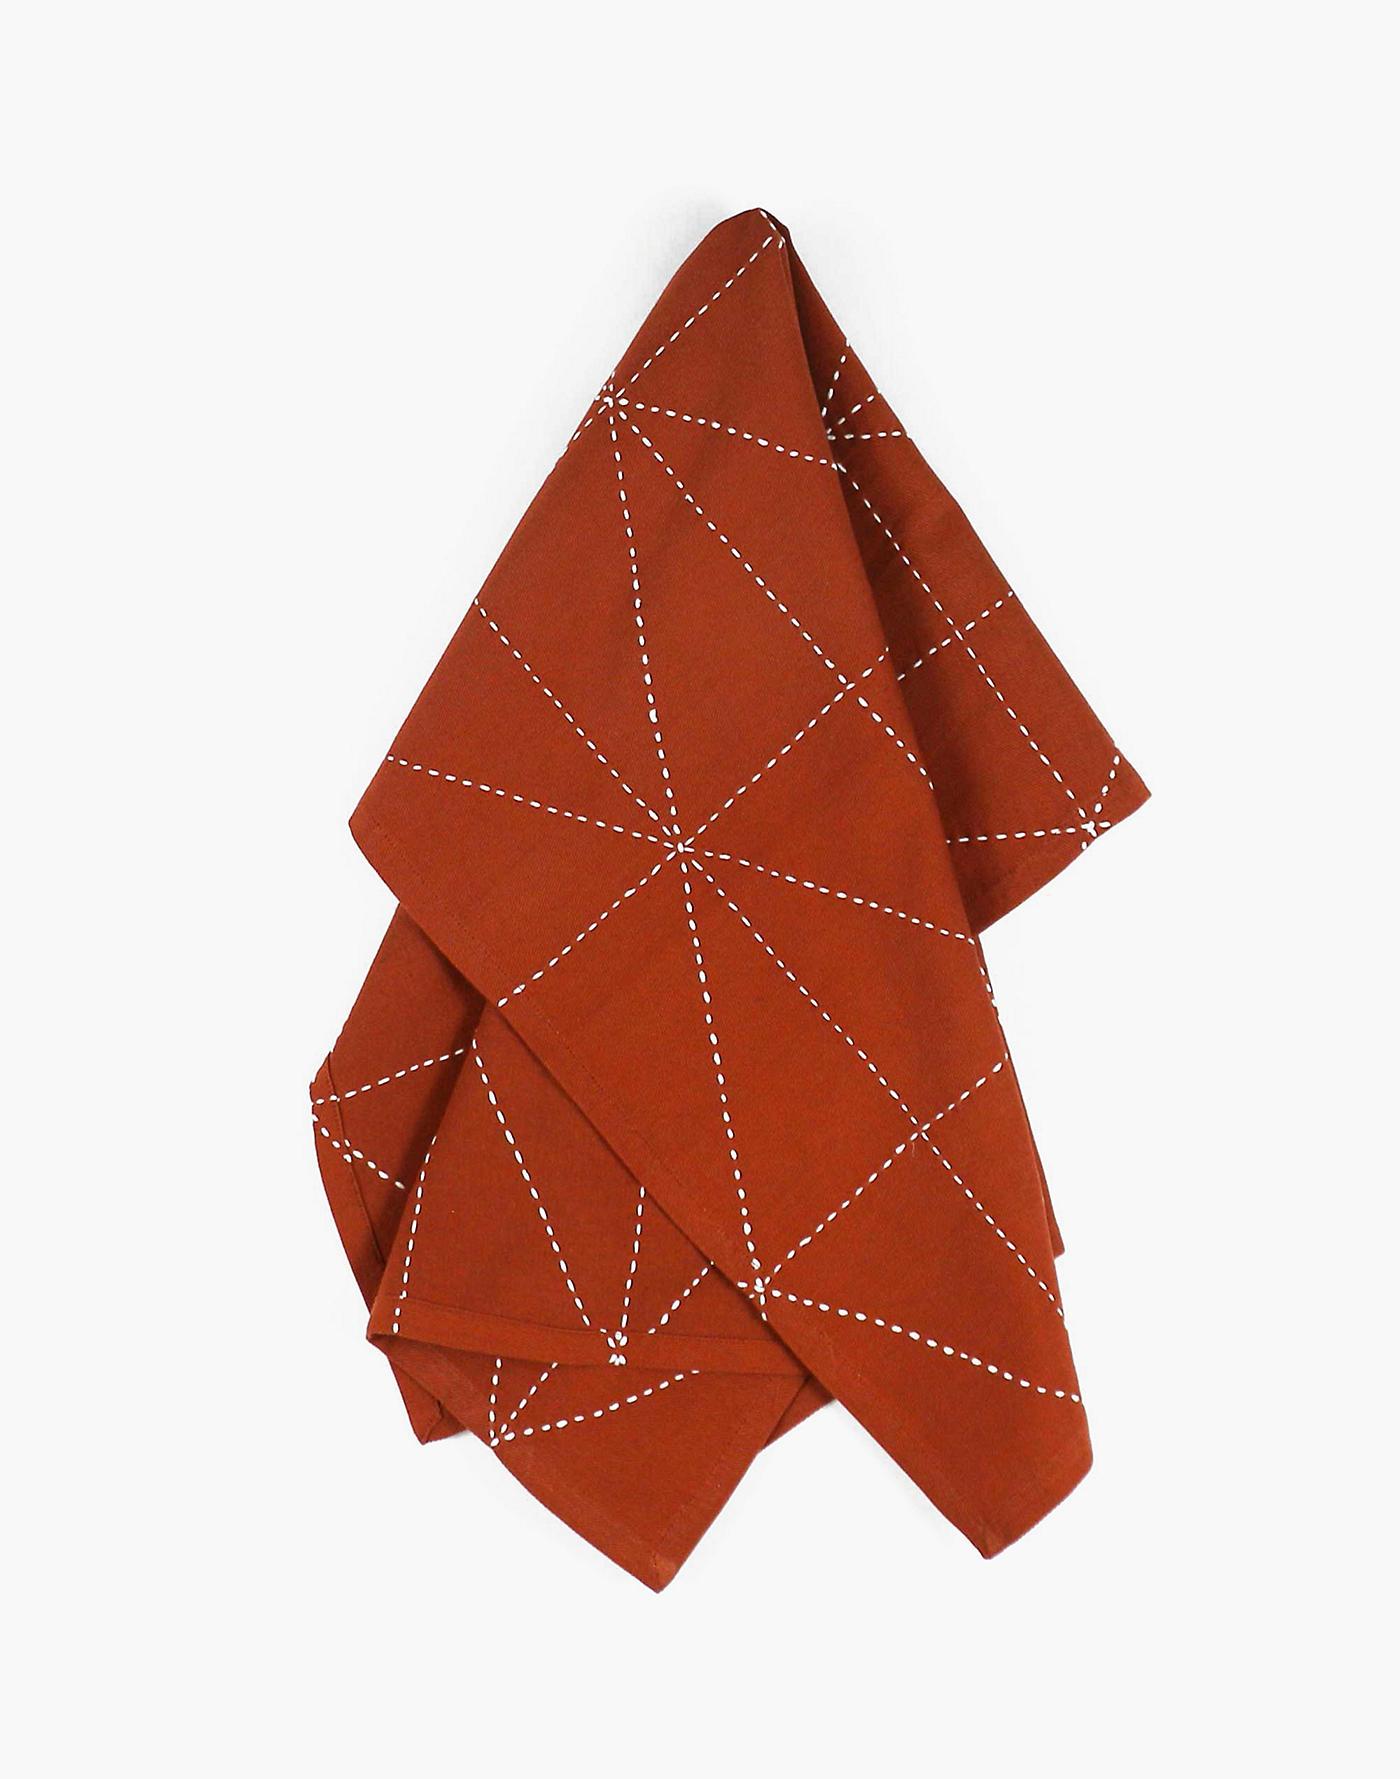 Madewell Anchal Organic Cotton Graph Tea Towel